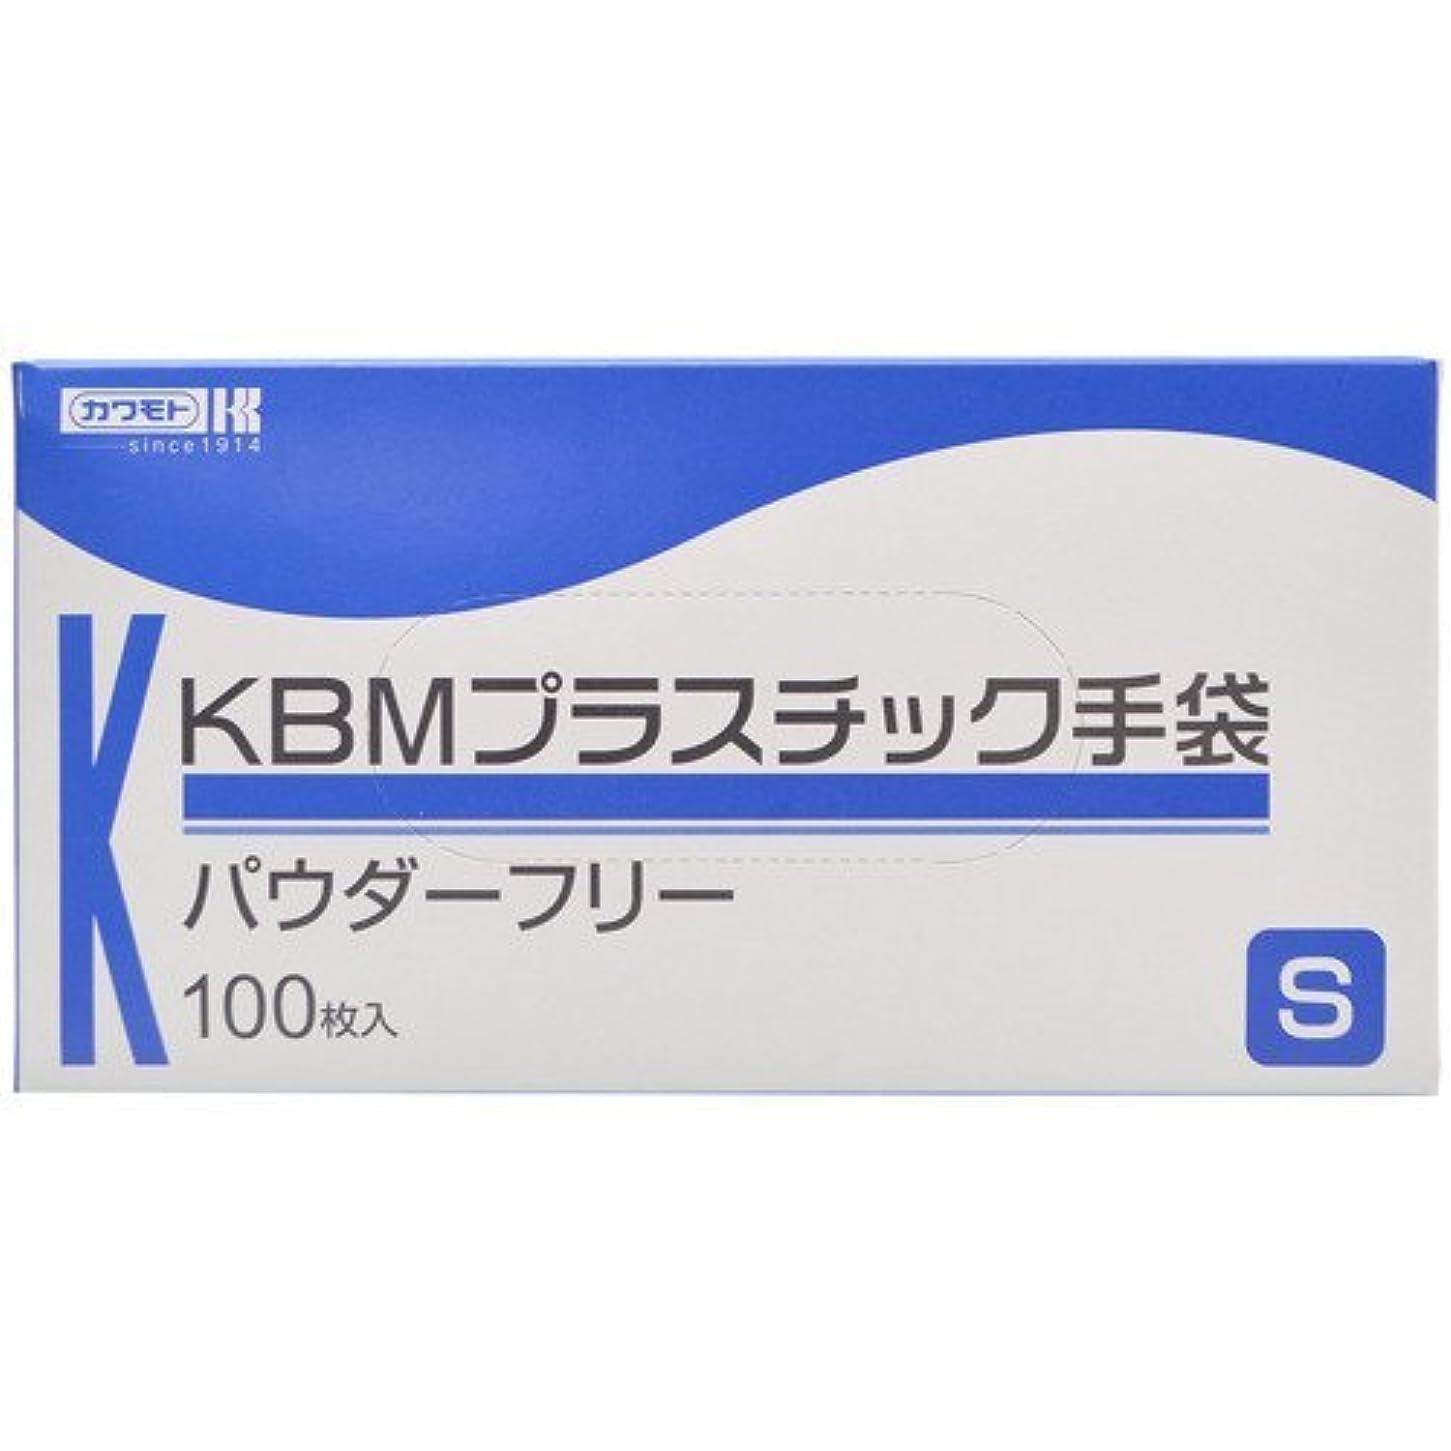 ロボットシュリンクマウント川本産業 KBMプラスチック手袋 パウダーフリー S 100枚入